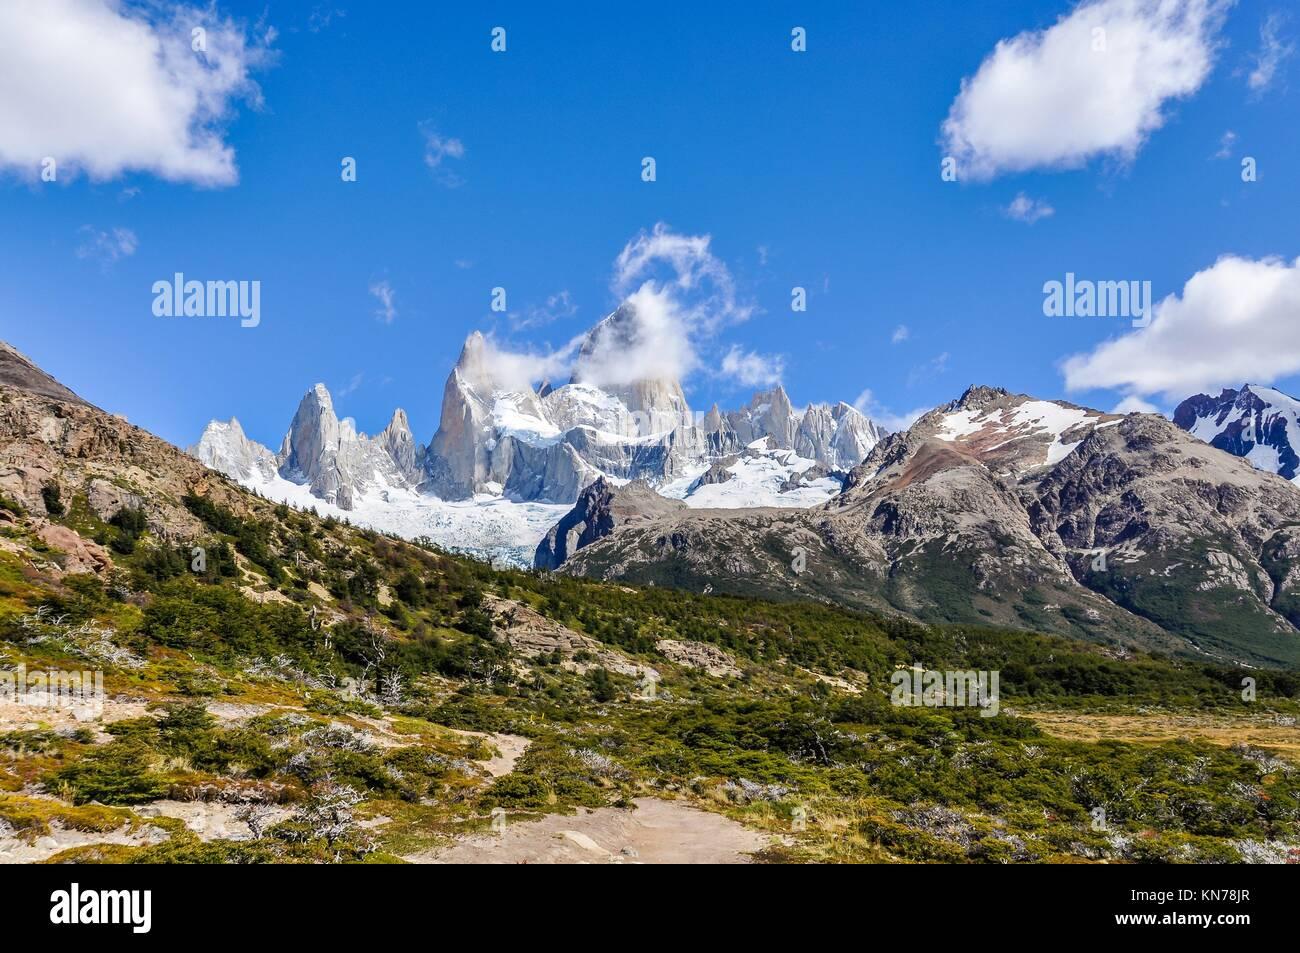 Vista de los picos, Paseo de Fitz Roy, El Chalten, Patagonia, Argentina. Foto de stock